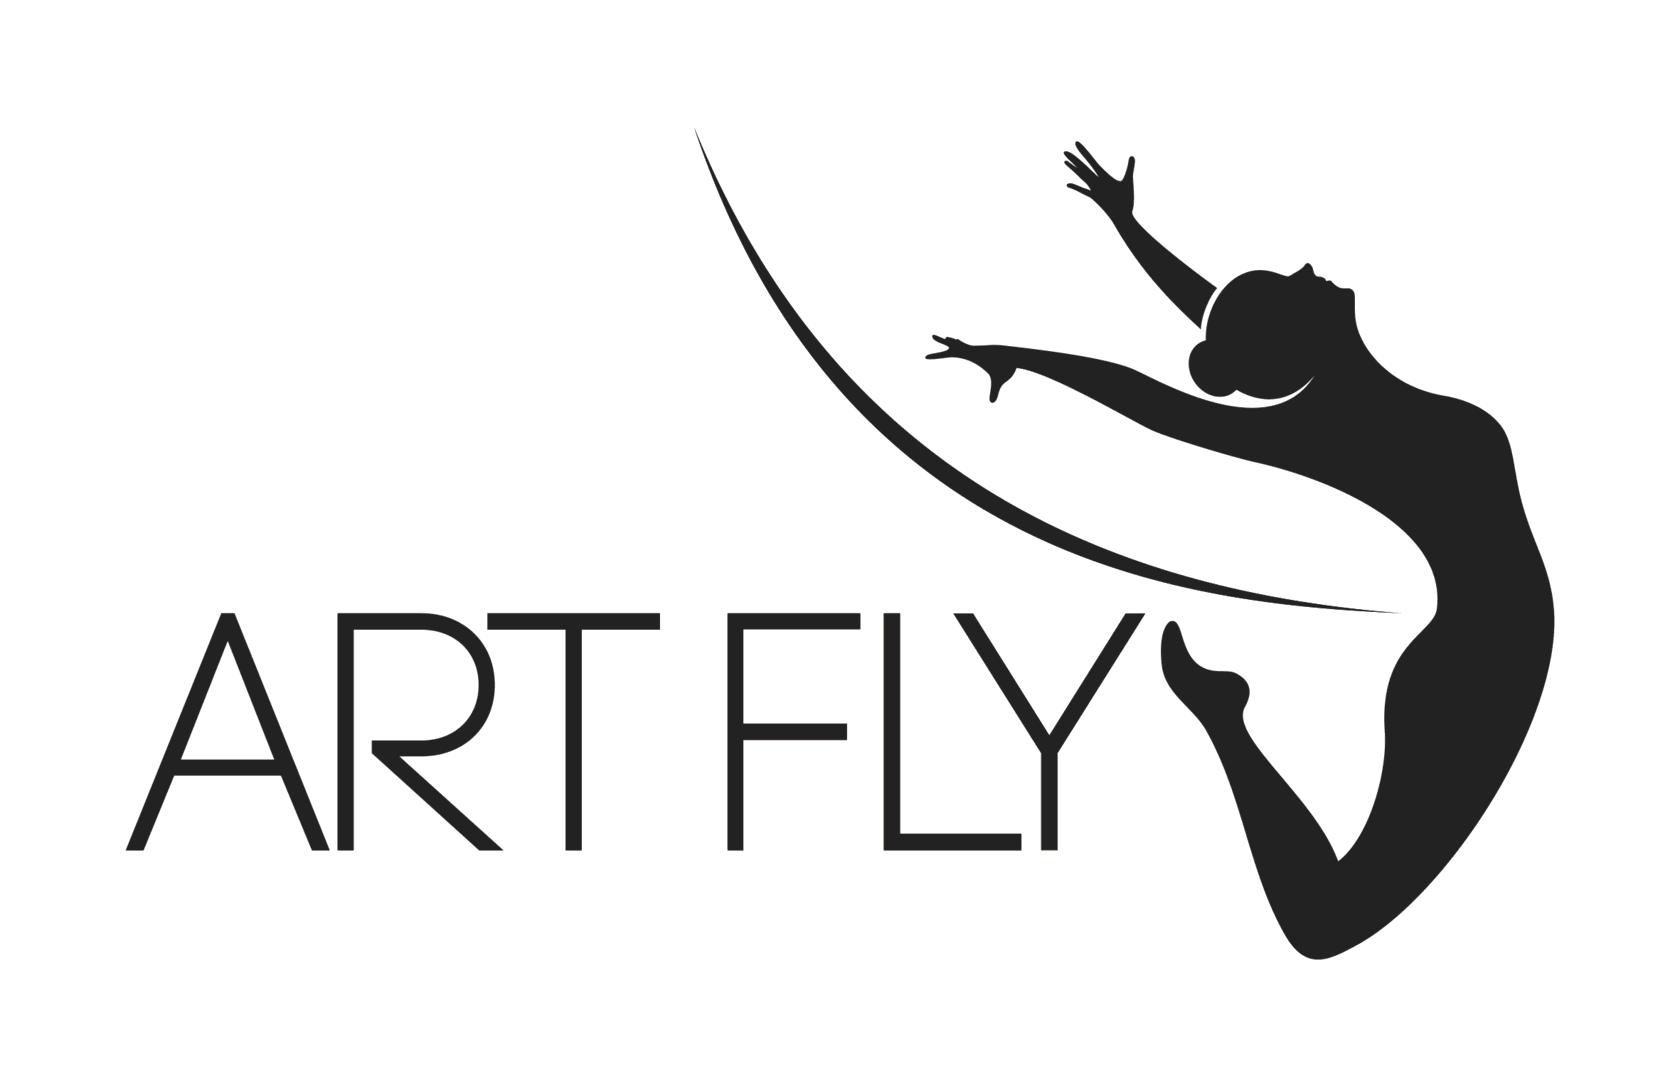 Artflybungee